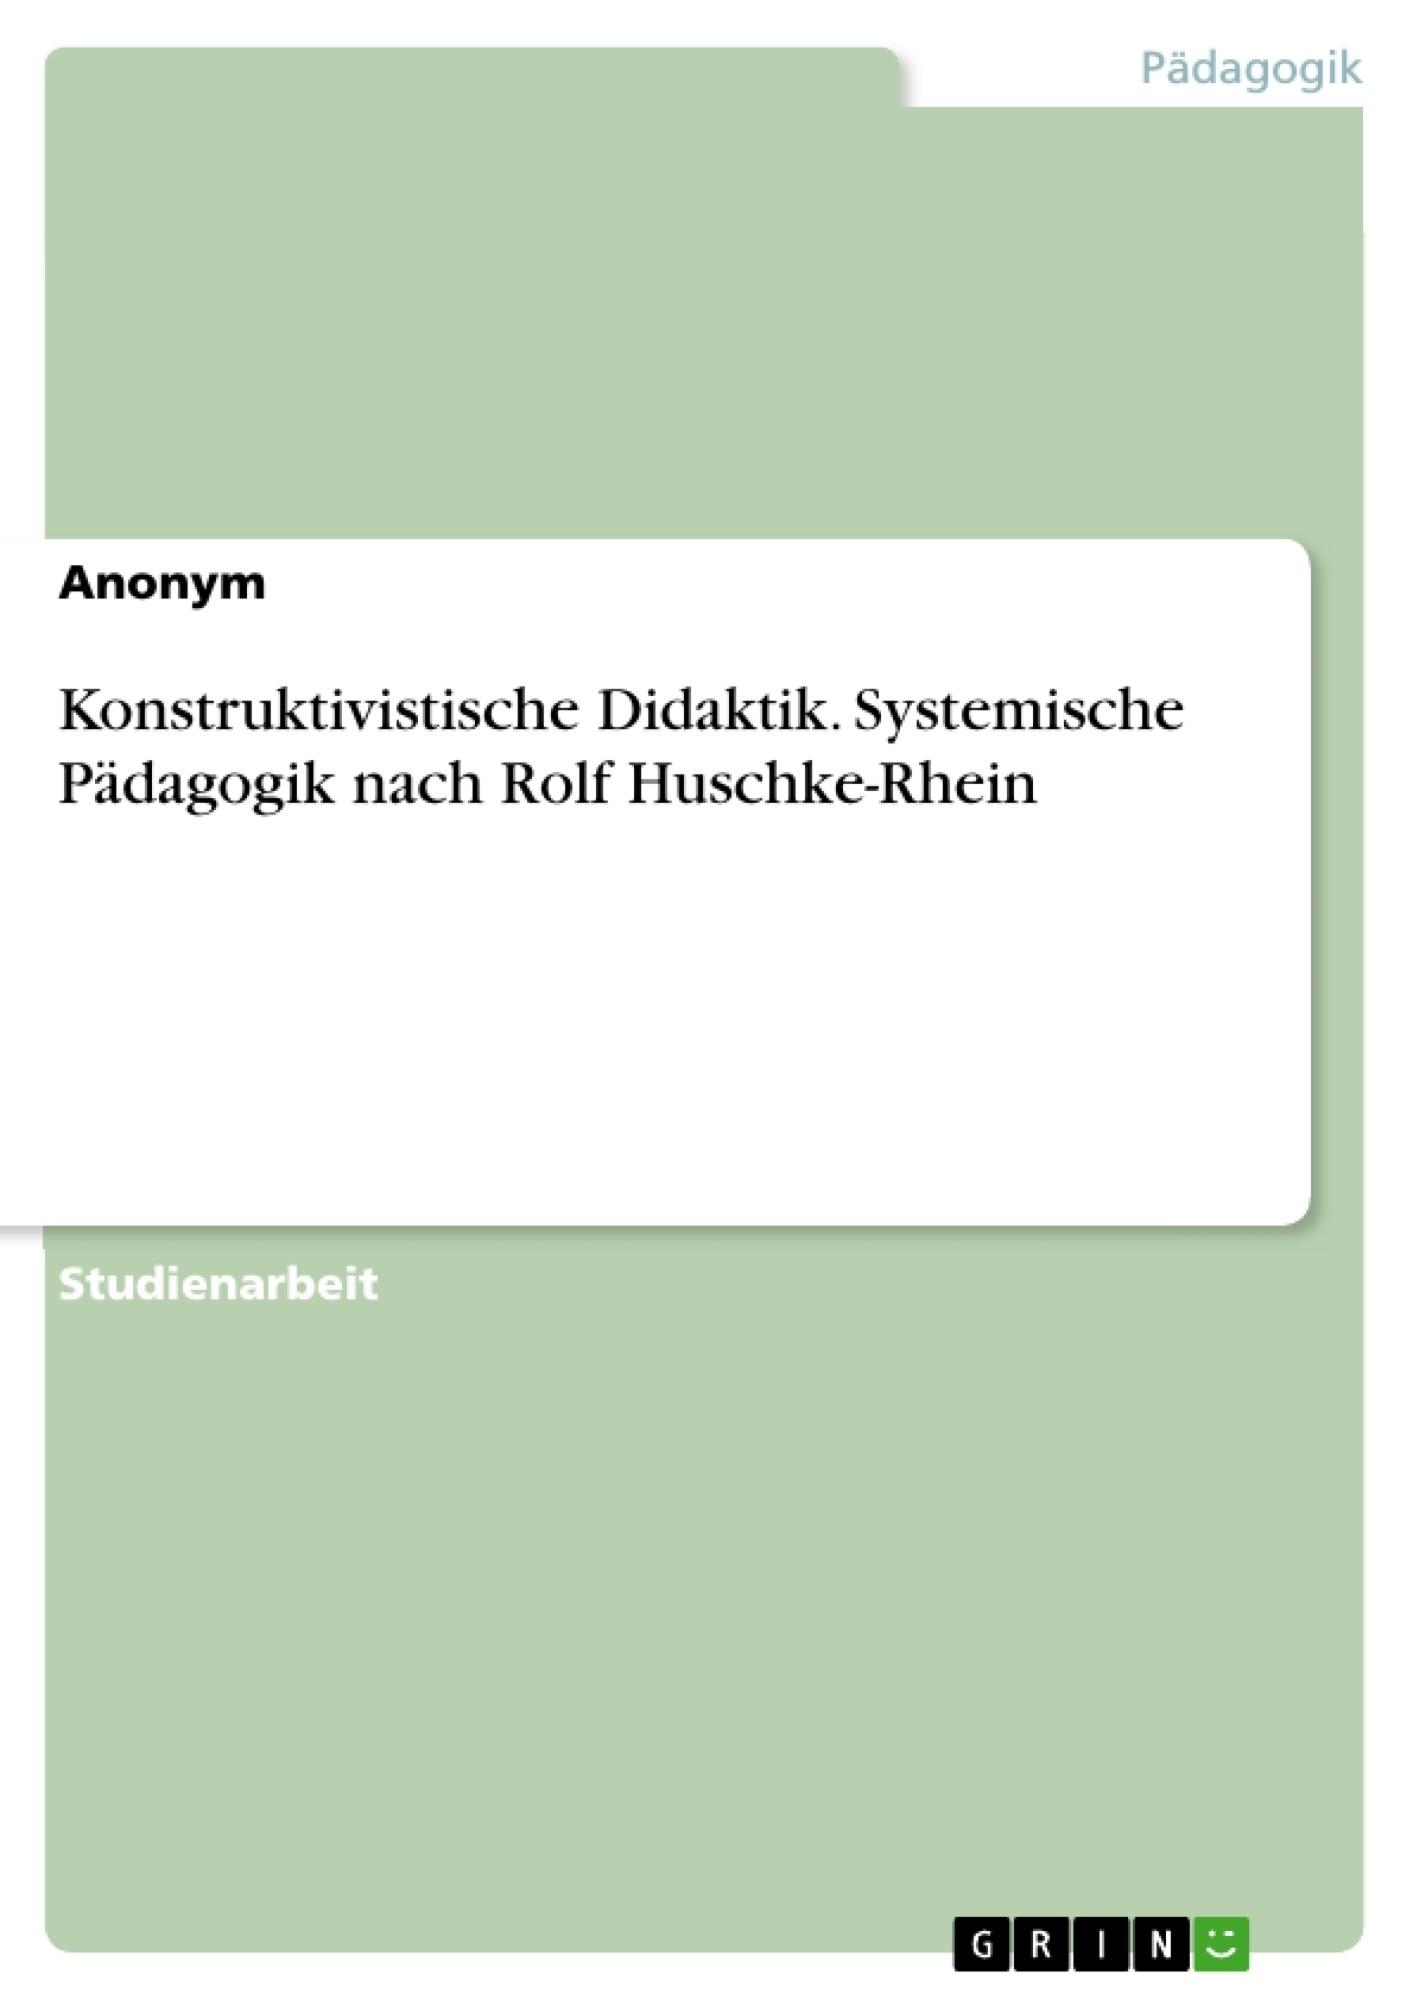 Titel: Konstruktivistische Didaktik. Systemische Pädagogik nach Rolf Huschke-Rhein